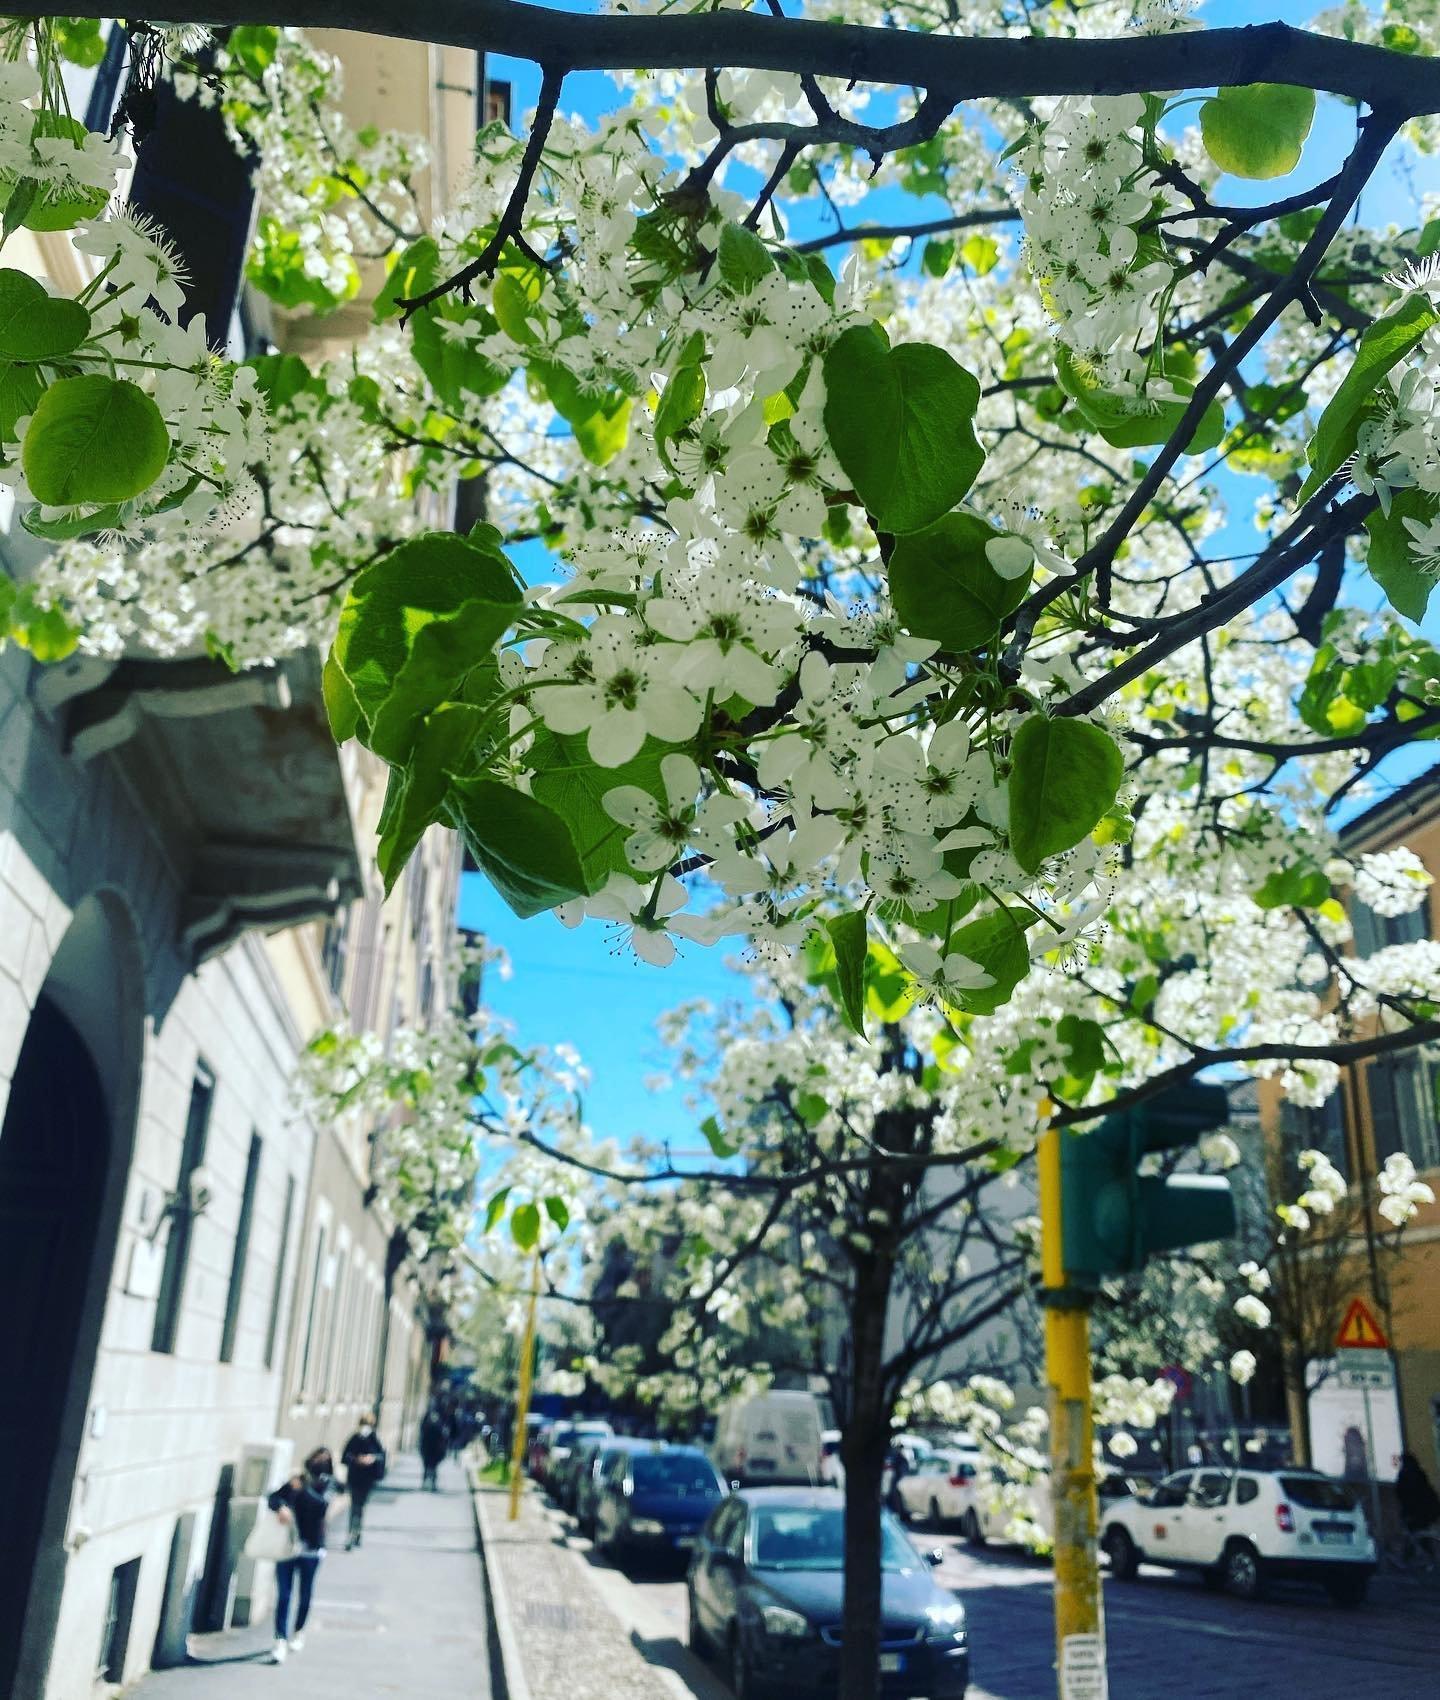 A Milano, in attesa dell'arrivo ufficiale della primavera